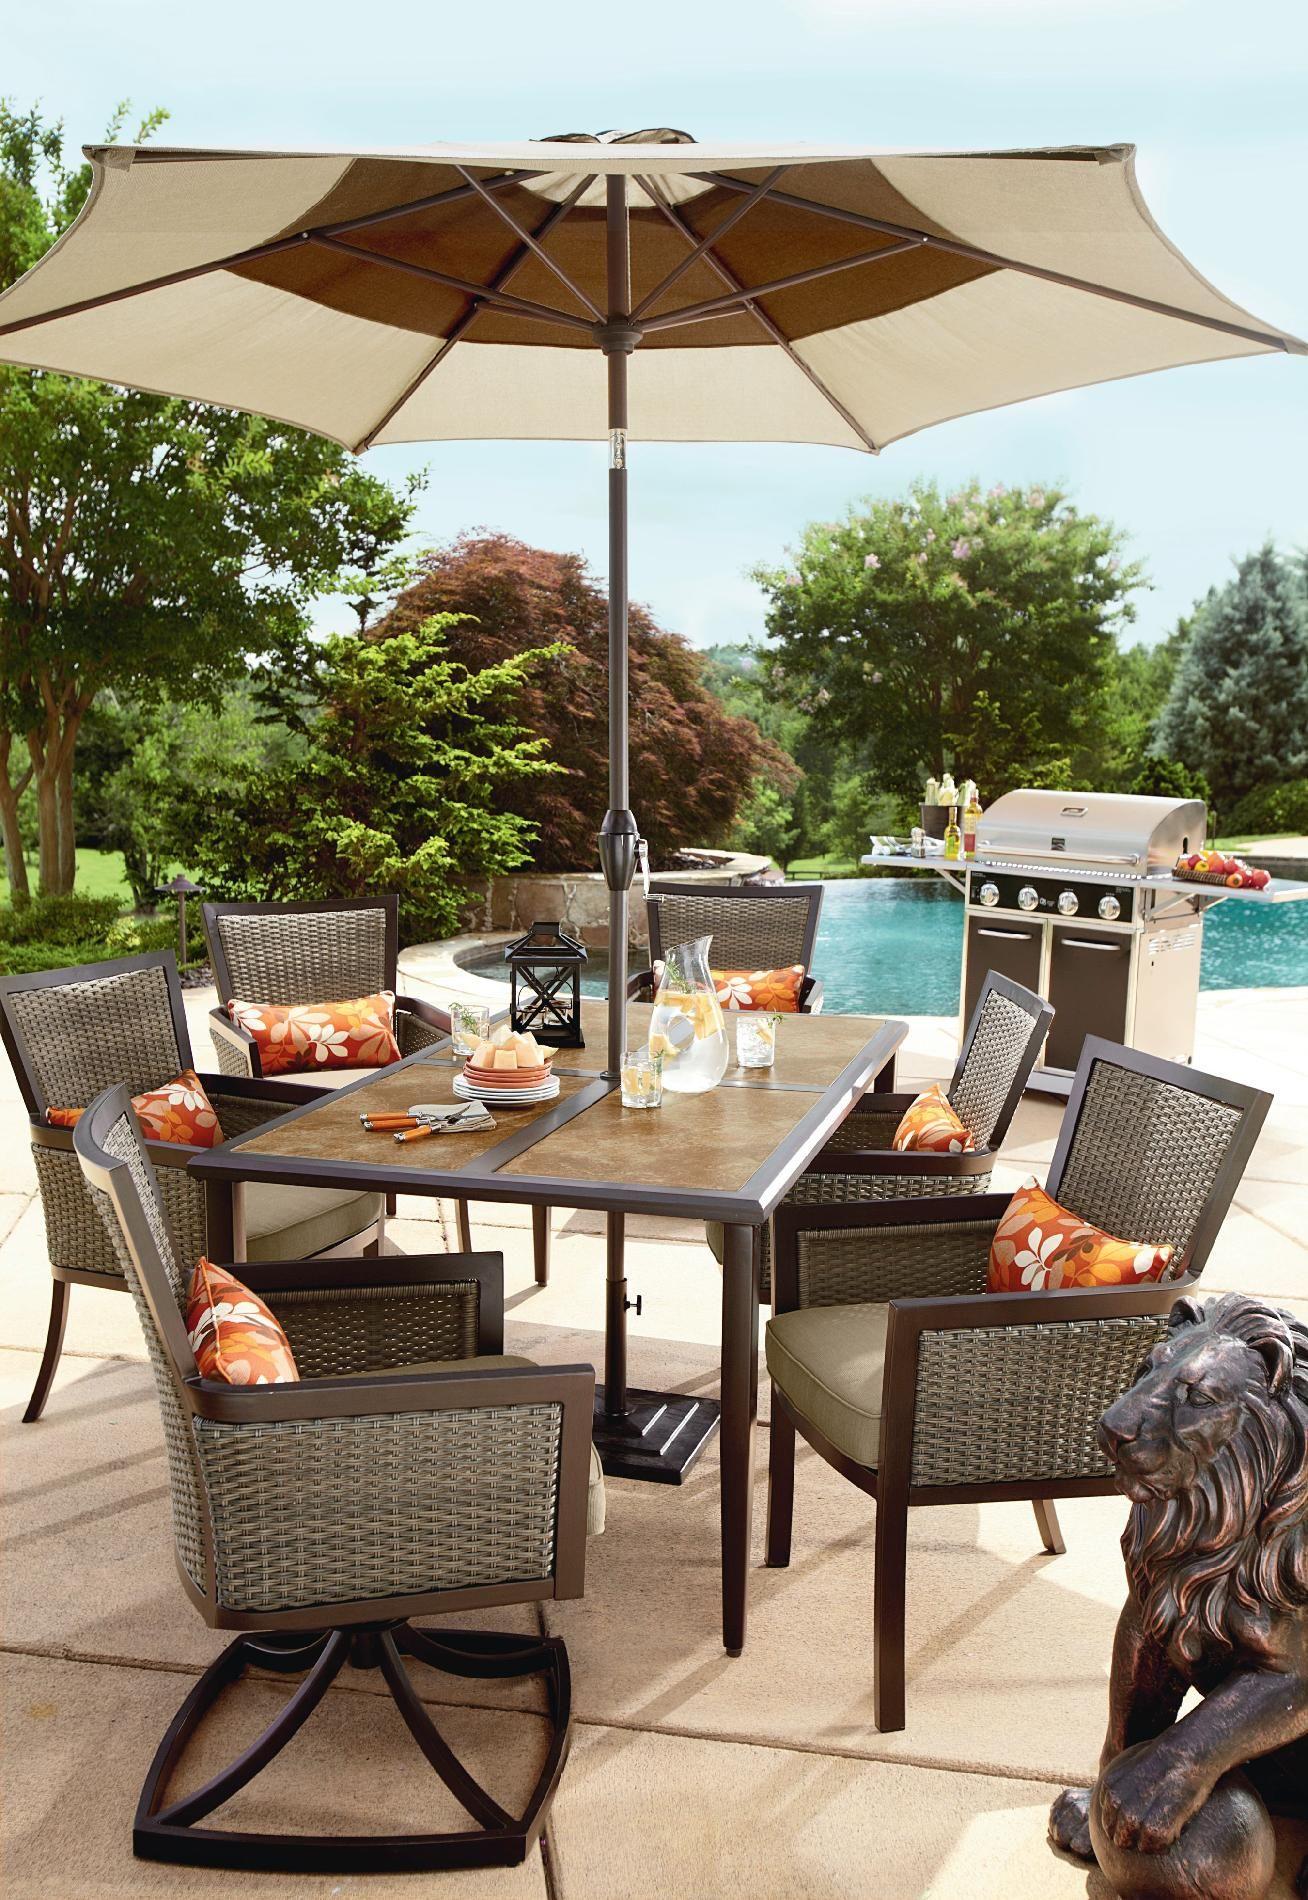 madison 7 piece wicker patio dining set